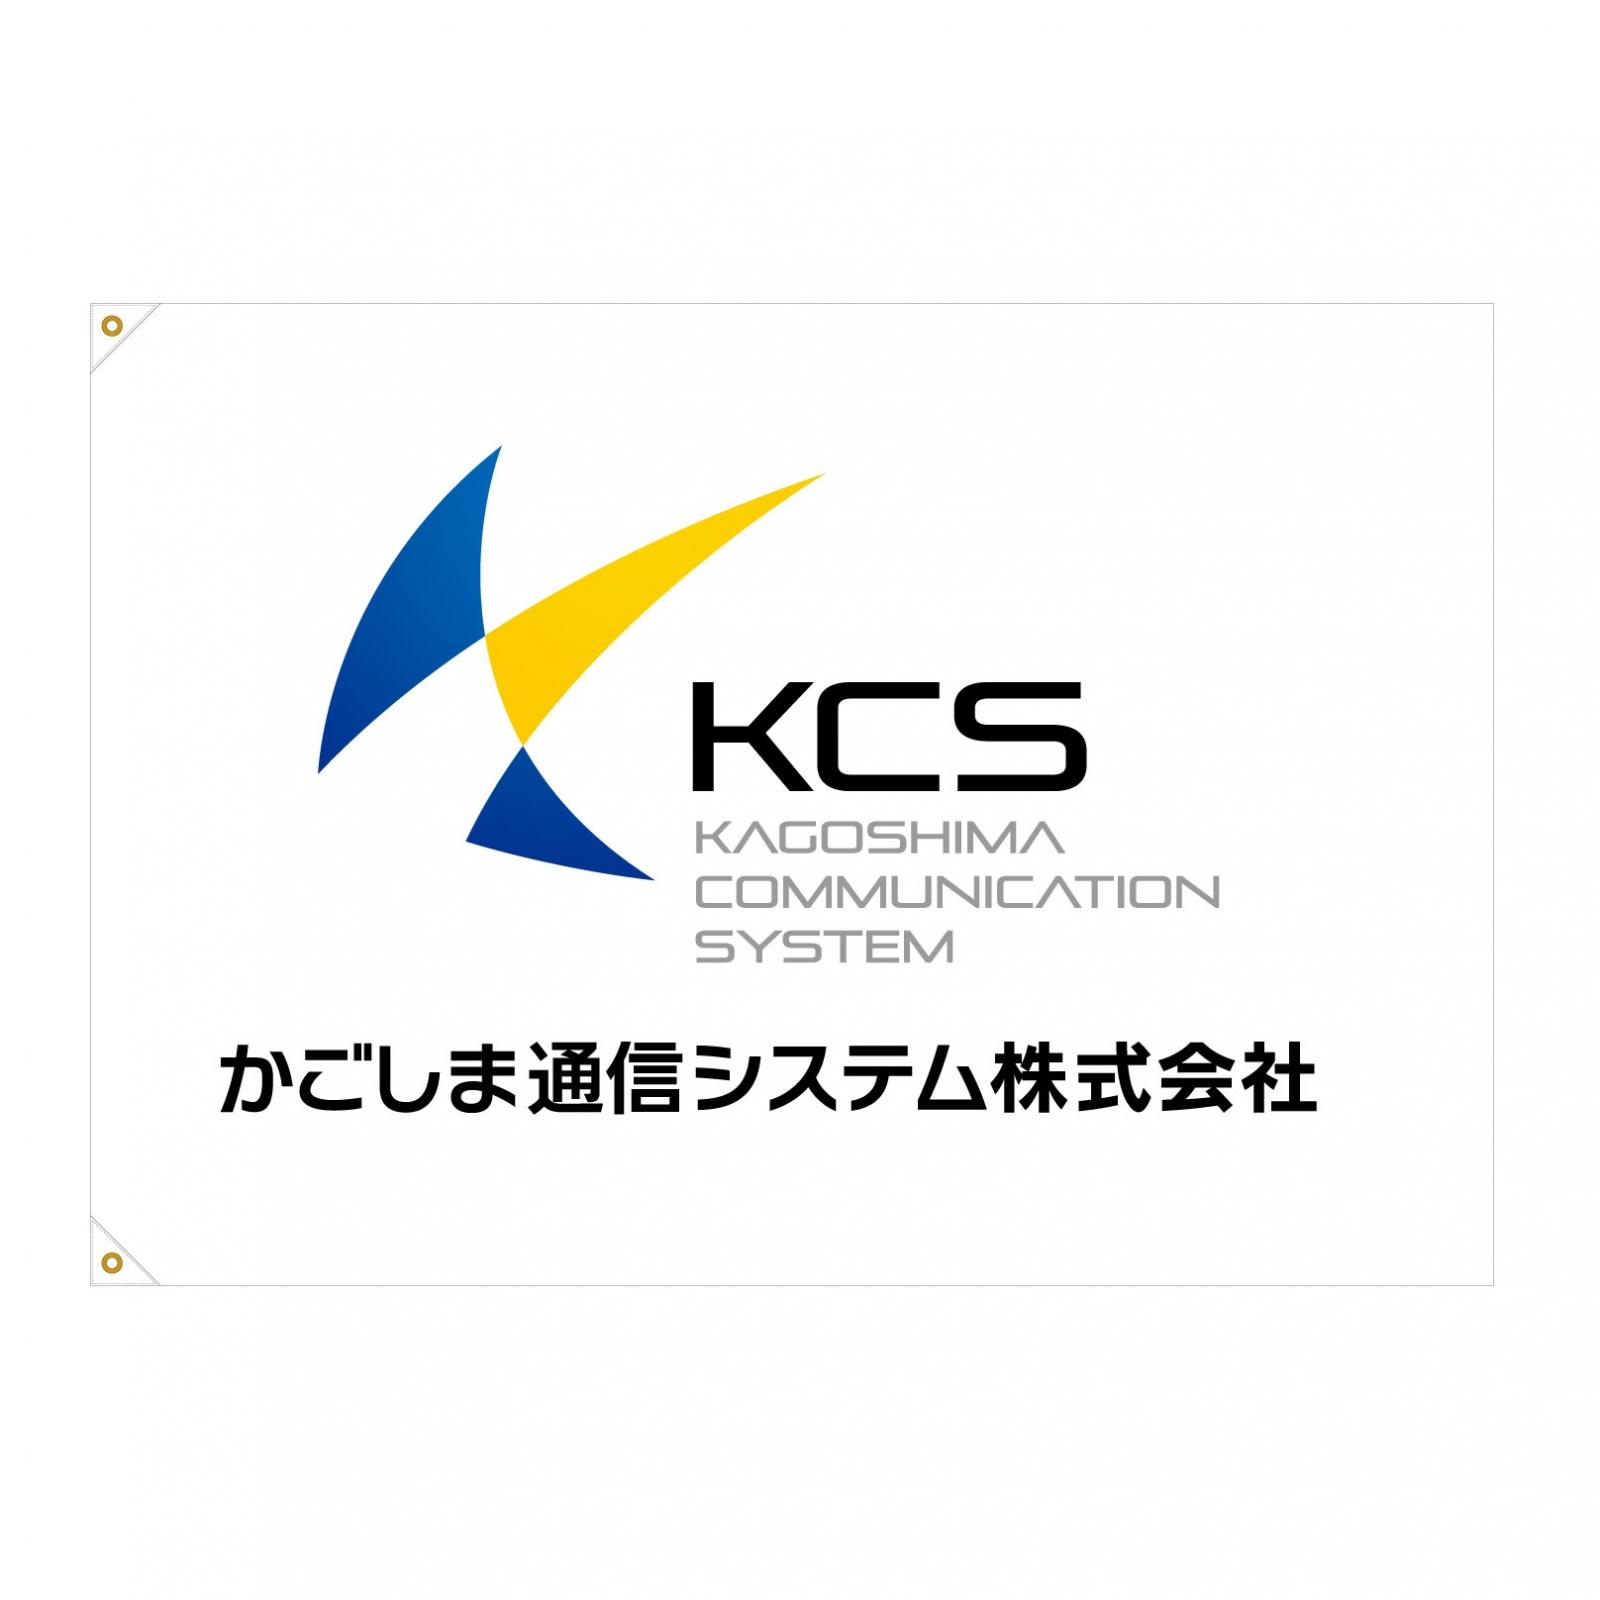 電気設備会社の社旗